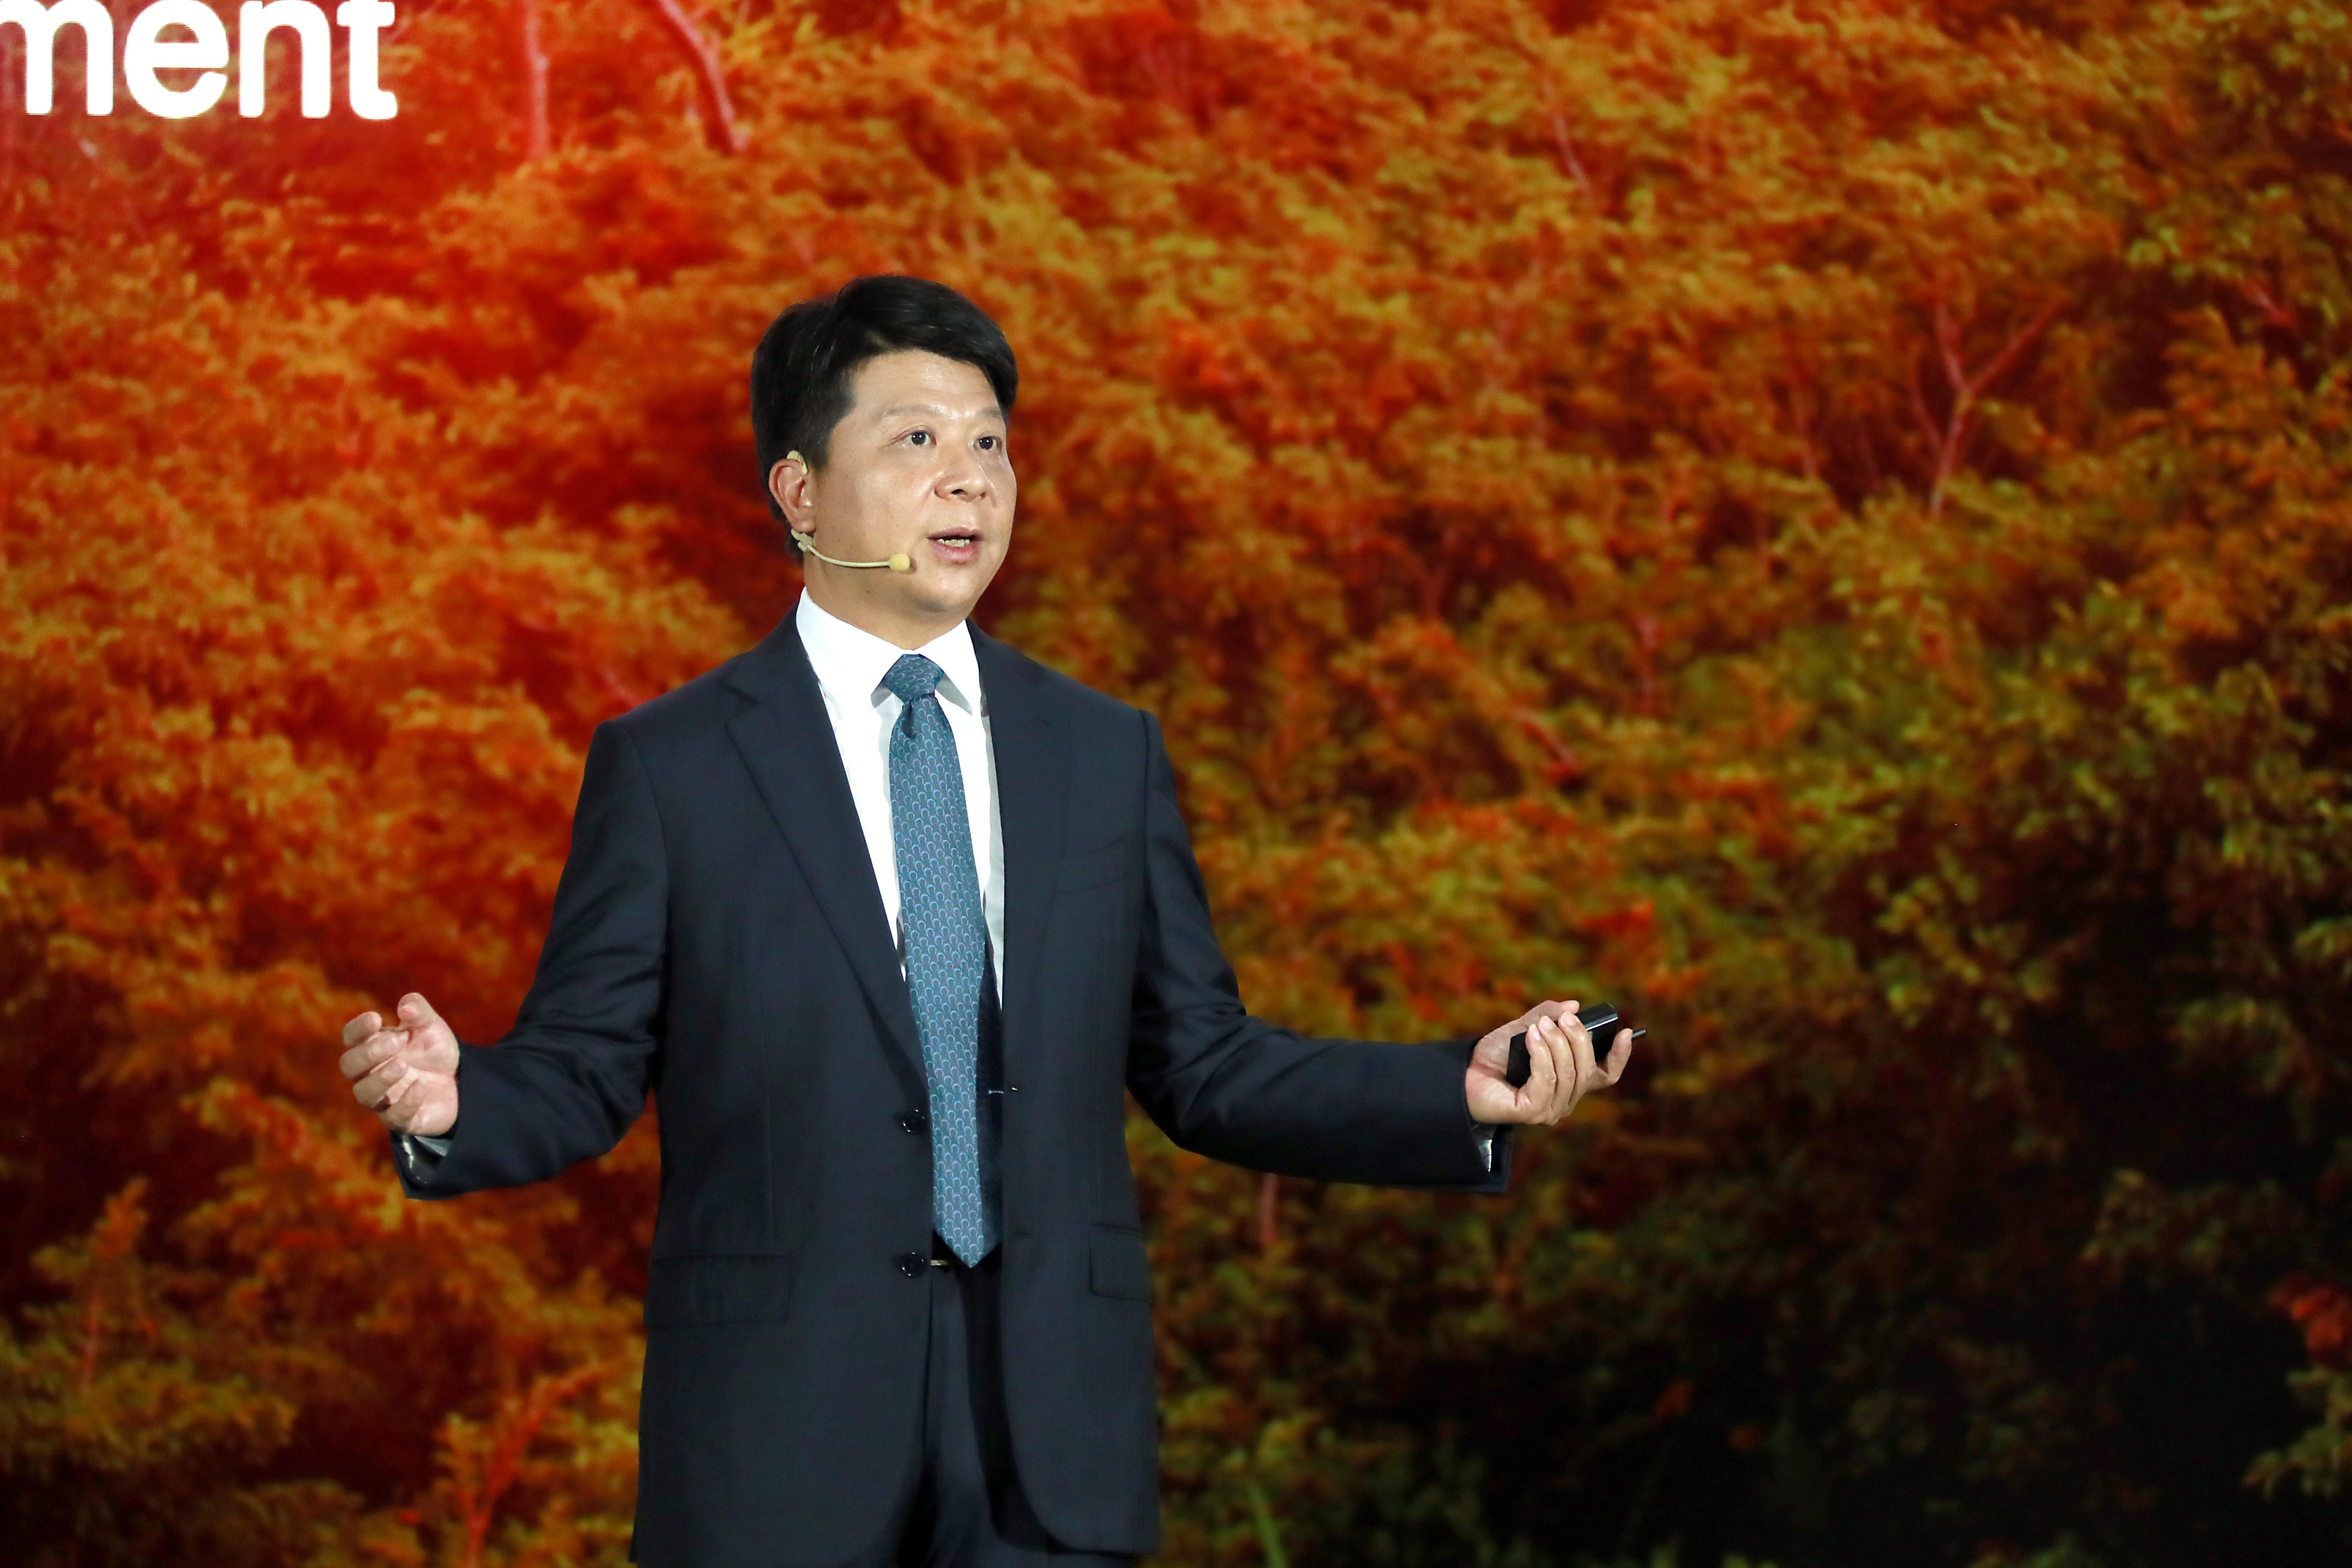 Huawei chỉ trích quyết định của Mỹ: Độc đoán, nguy hiểm và đe dọa làm suy yếu toàn bộ ngành công nghiệp trên thế giới - Ảnh 1.